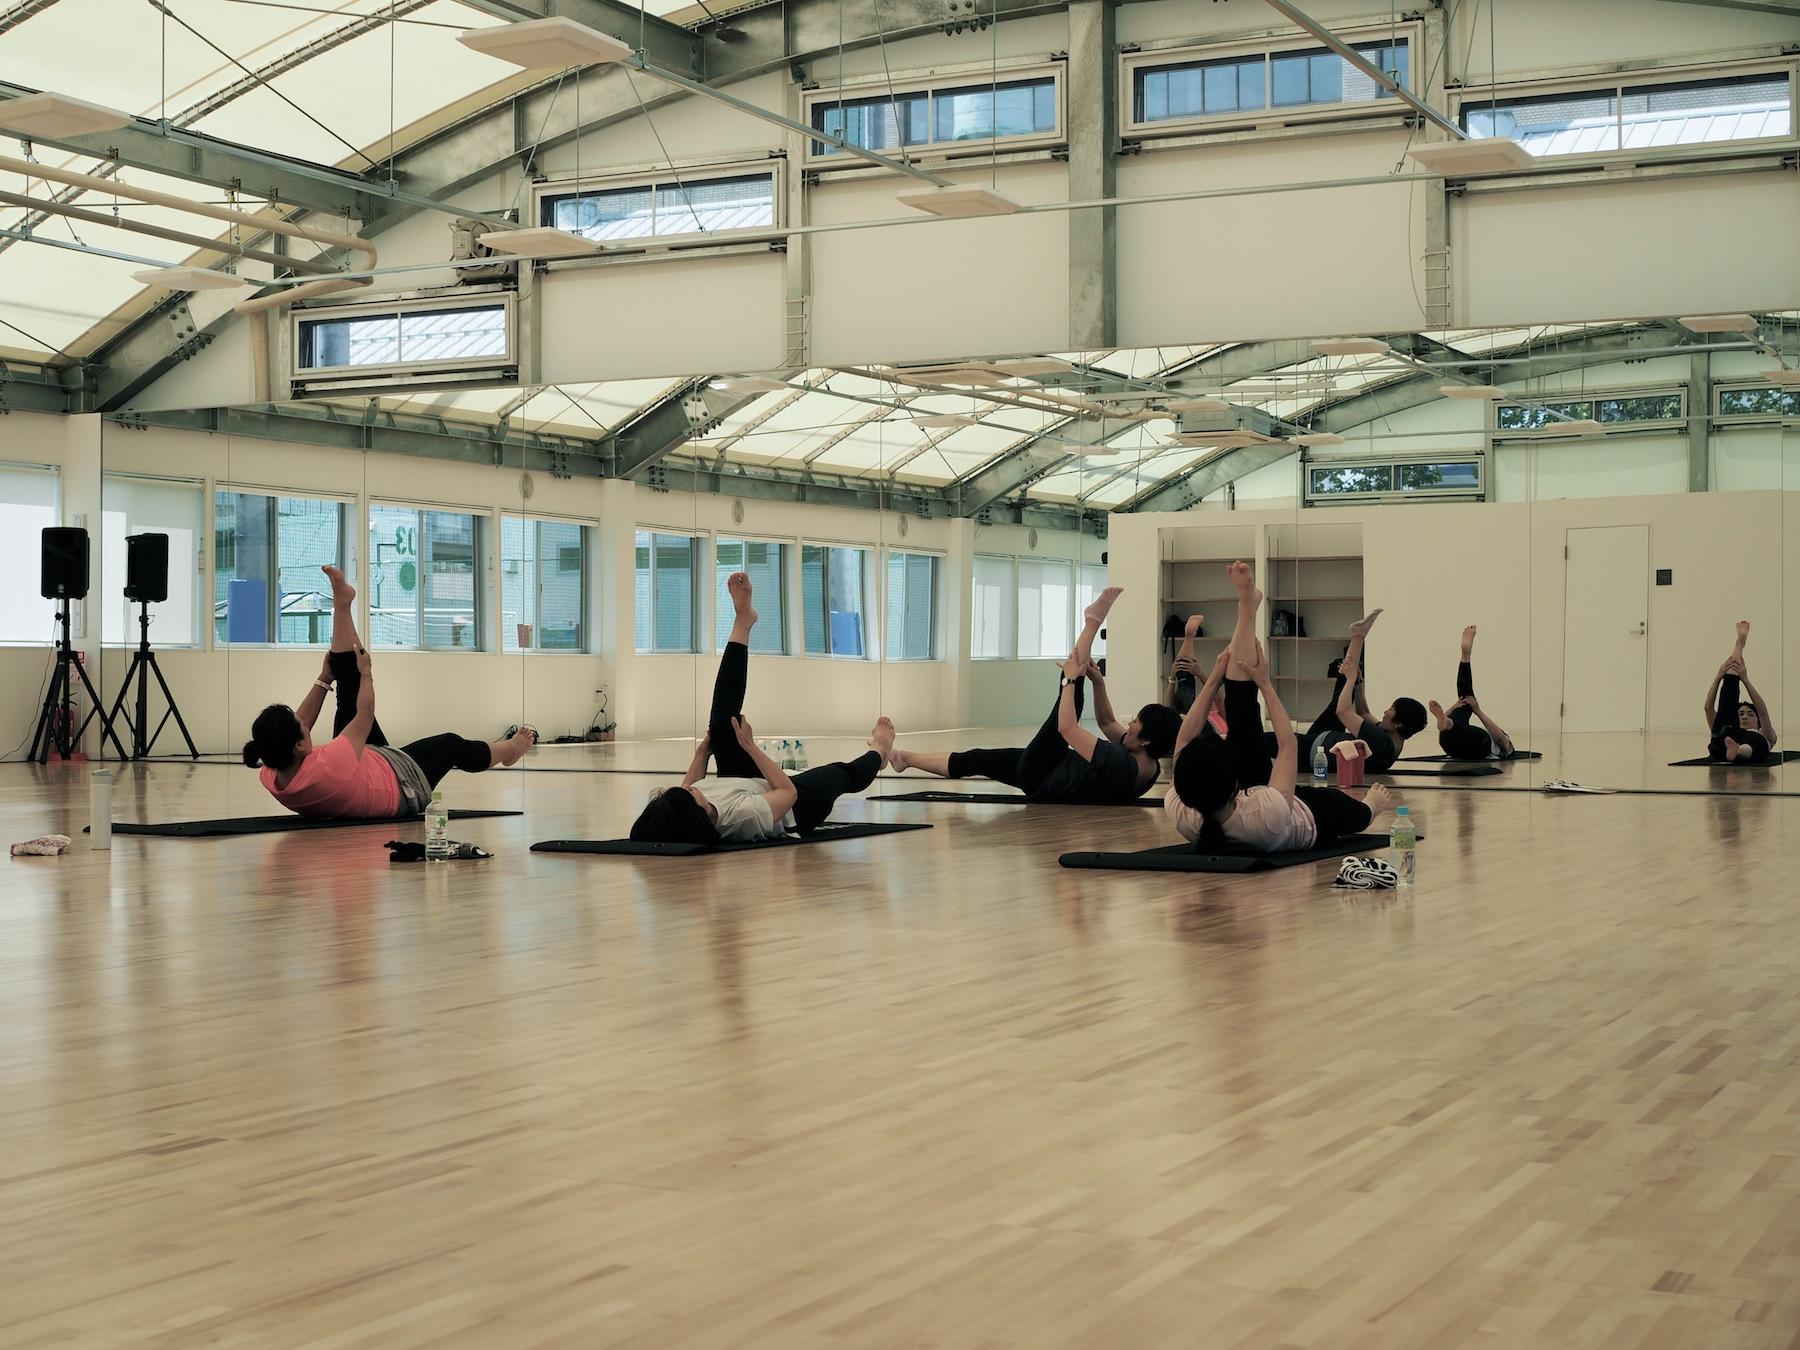 Pilates Allianceのピラティスで体幹を鍛えましょう@スポル品川大井町